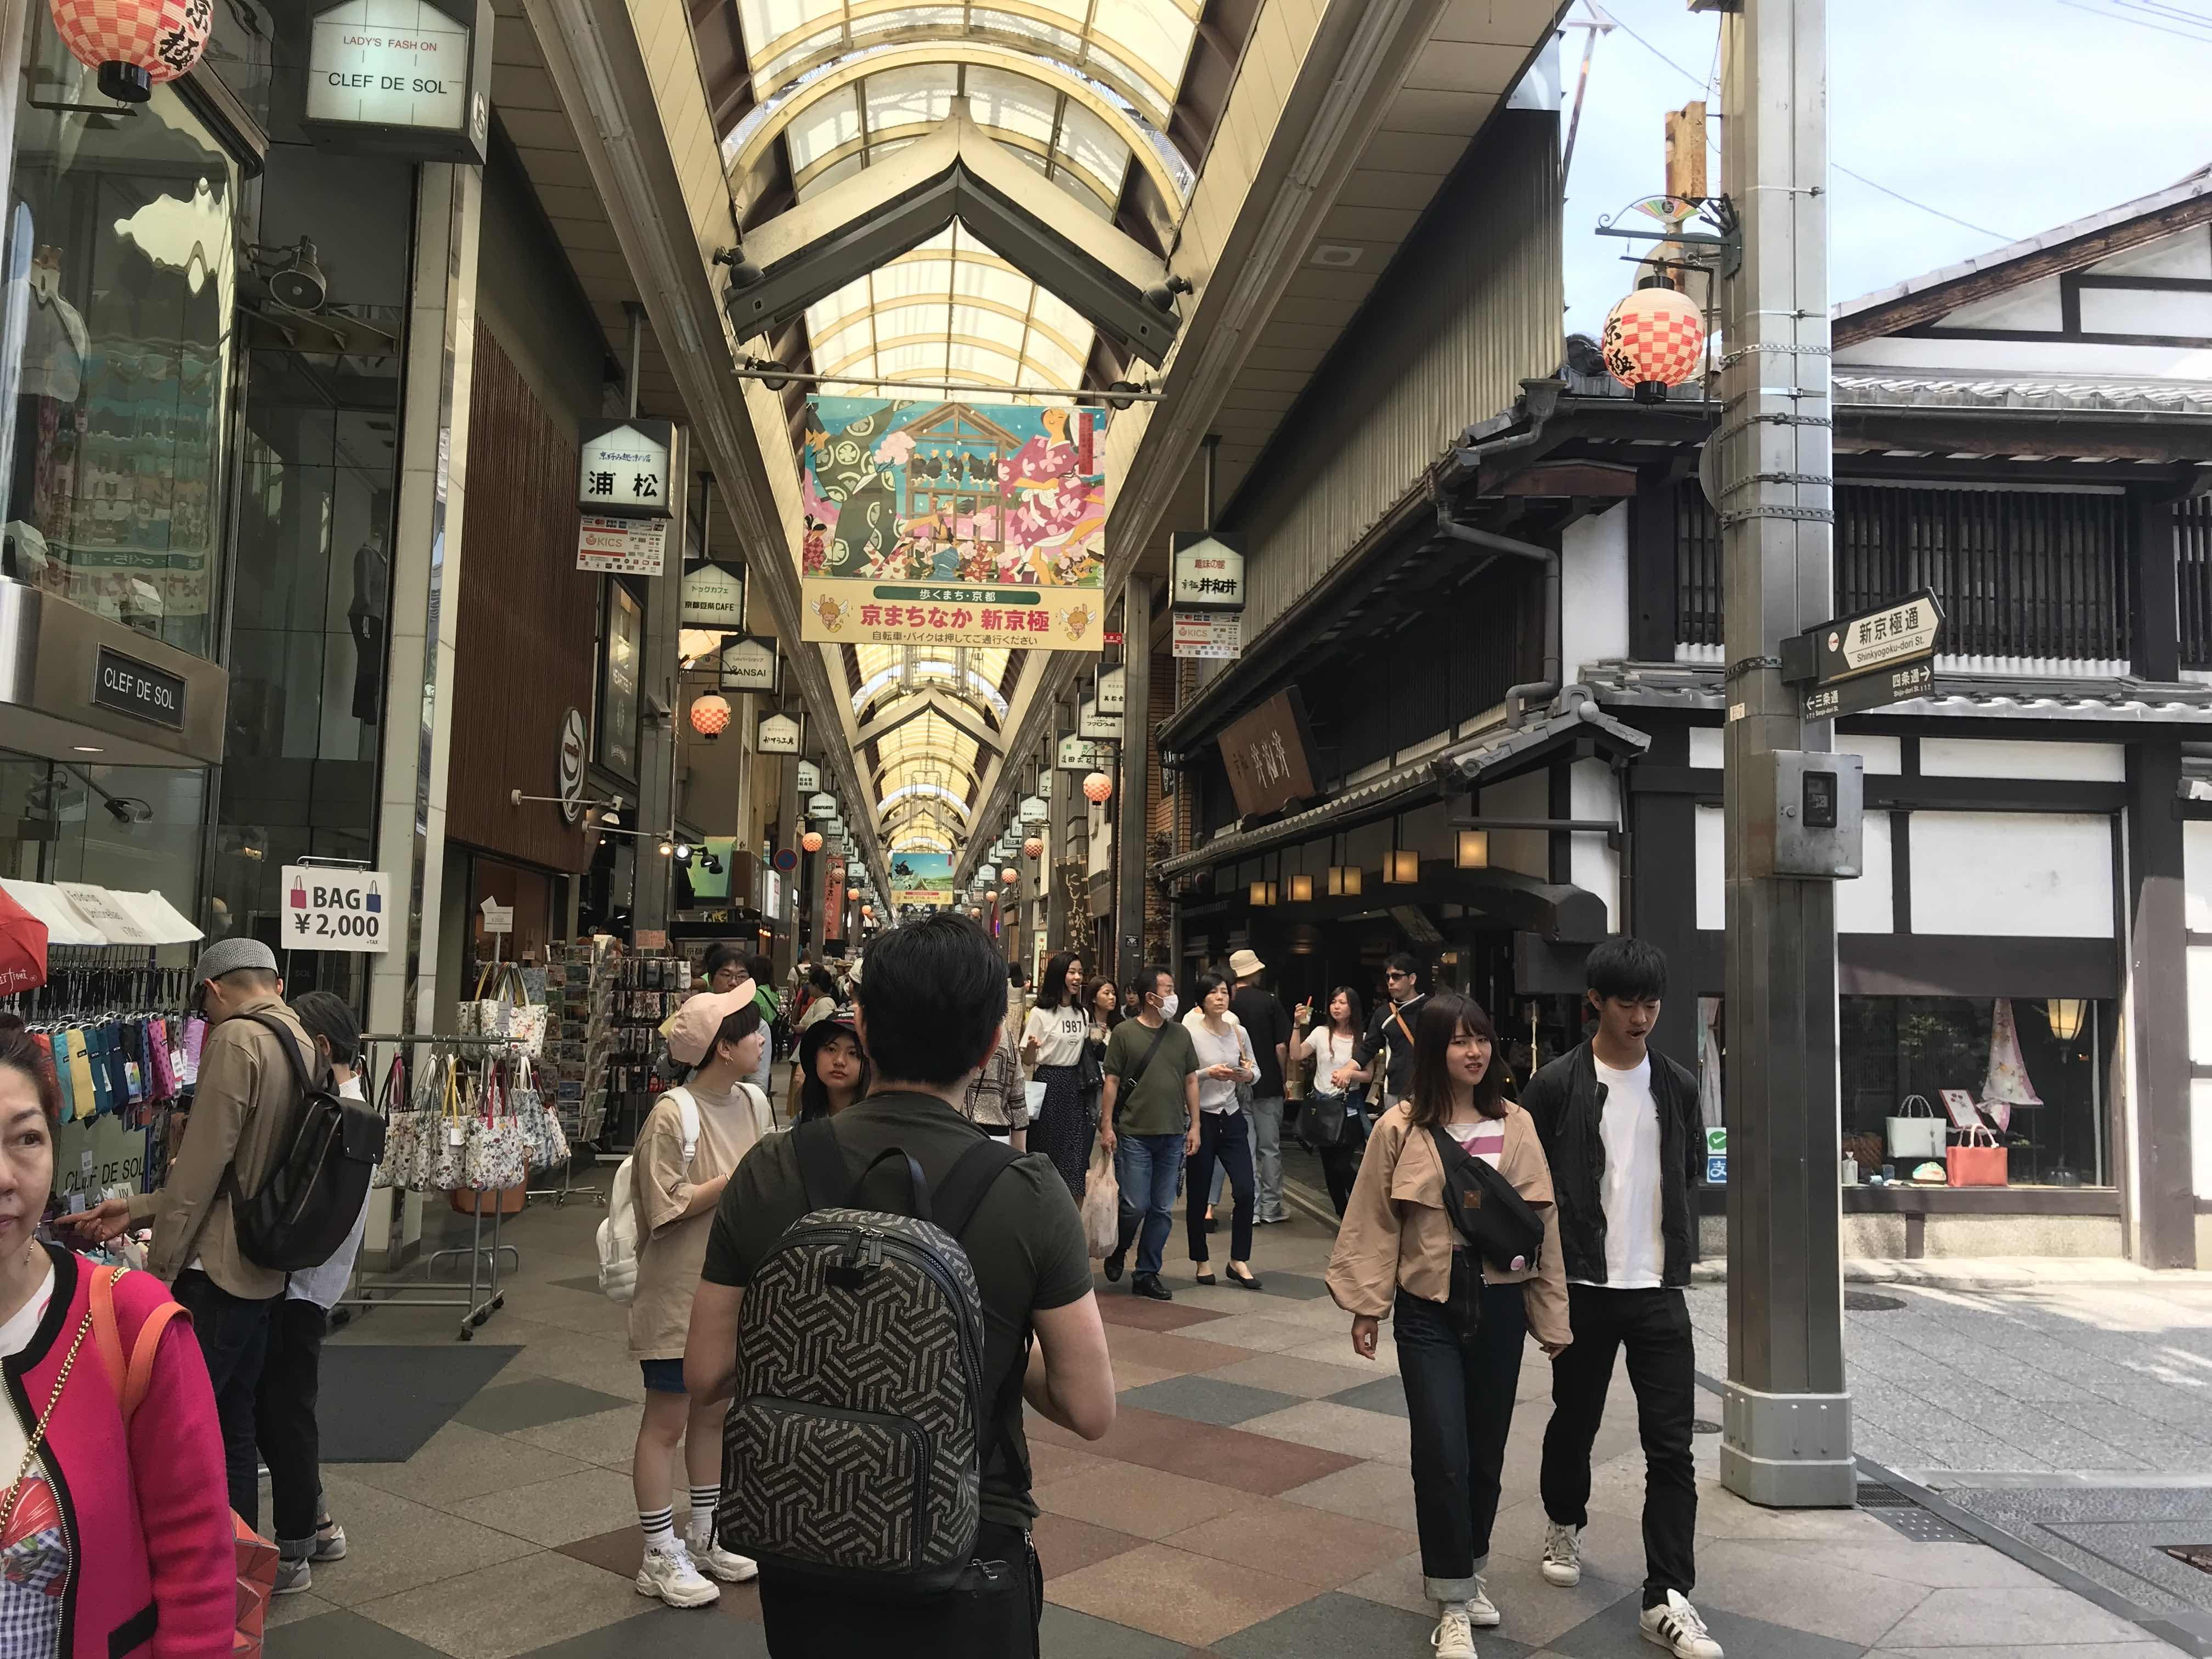 フェイスゴスペル「初めてのゴスペル」ワークショップを京都で開催。京都の商店街の様子